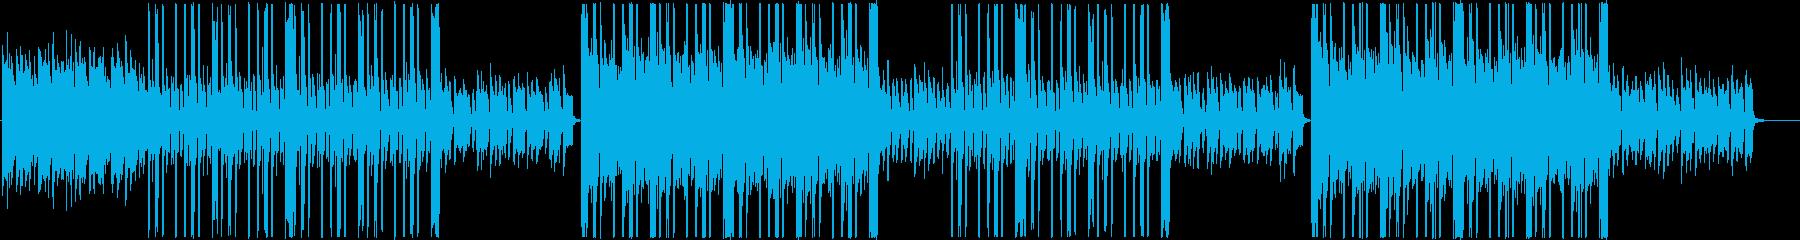 ローファイ、チルアウト、ポップトラップ♪の再生済みの波形